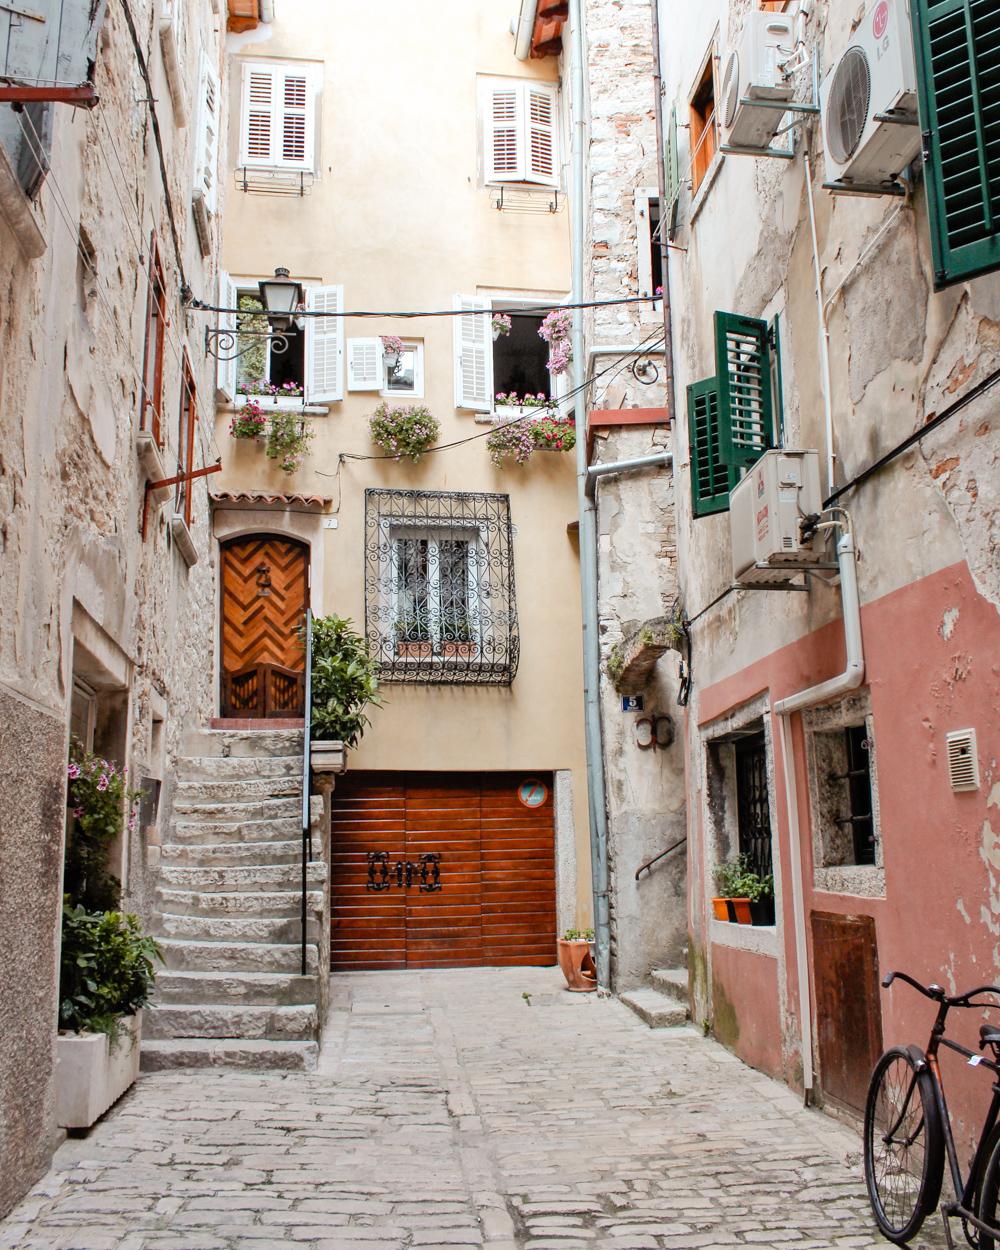 Travel guide to Rovinj, Croatia